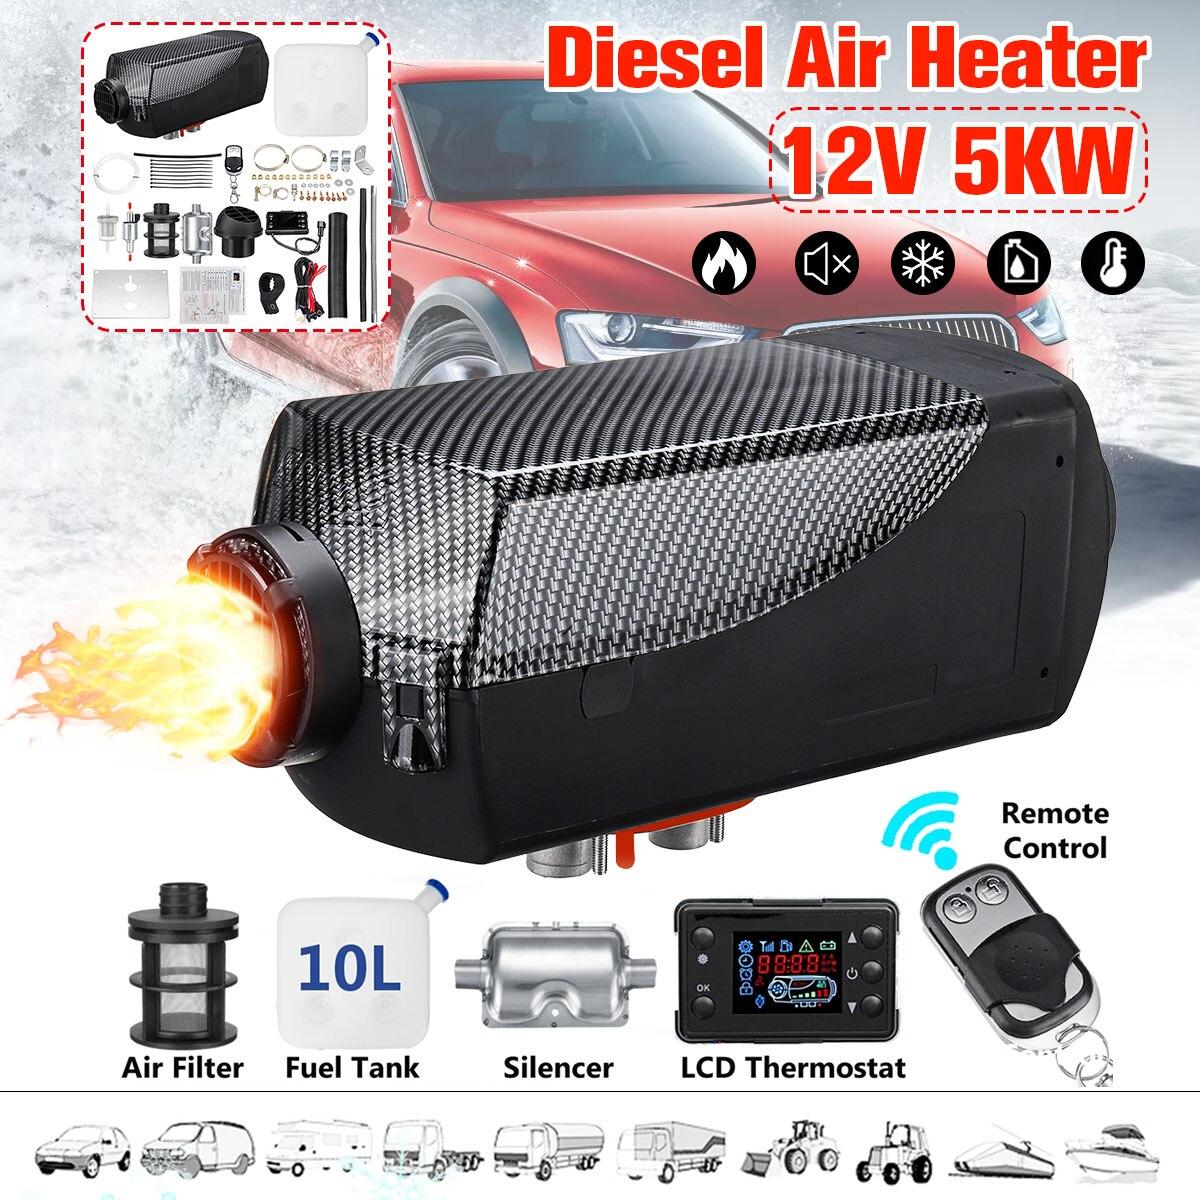 5KW 12 V 5000 W Air автономной Diesel нагреватель автомобиль обогреватель парковка тепла с дистанционным Управление для жилой автофургон трейлер гру...